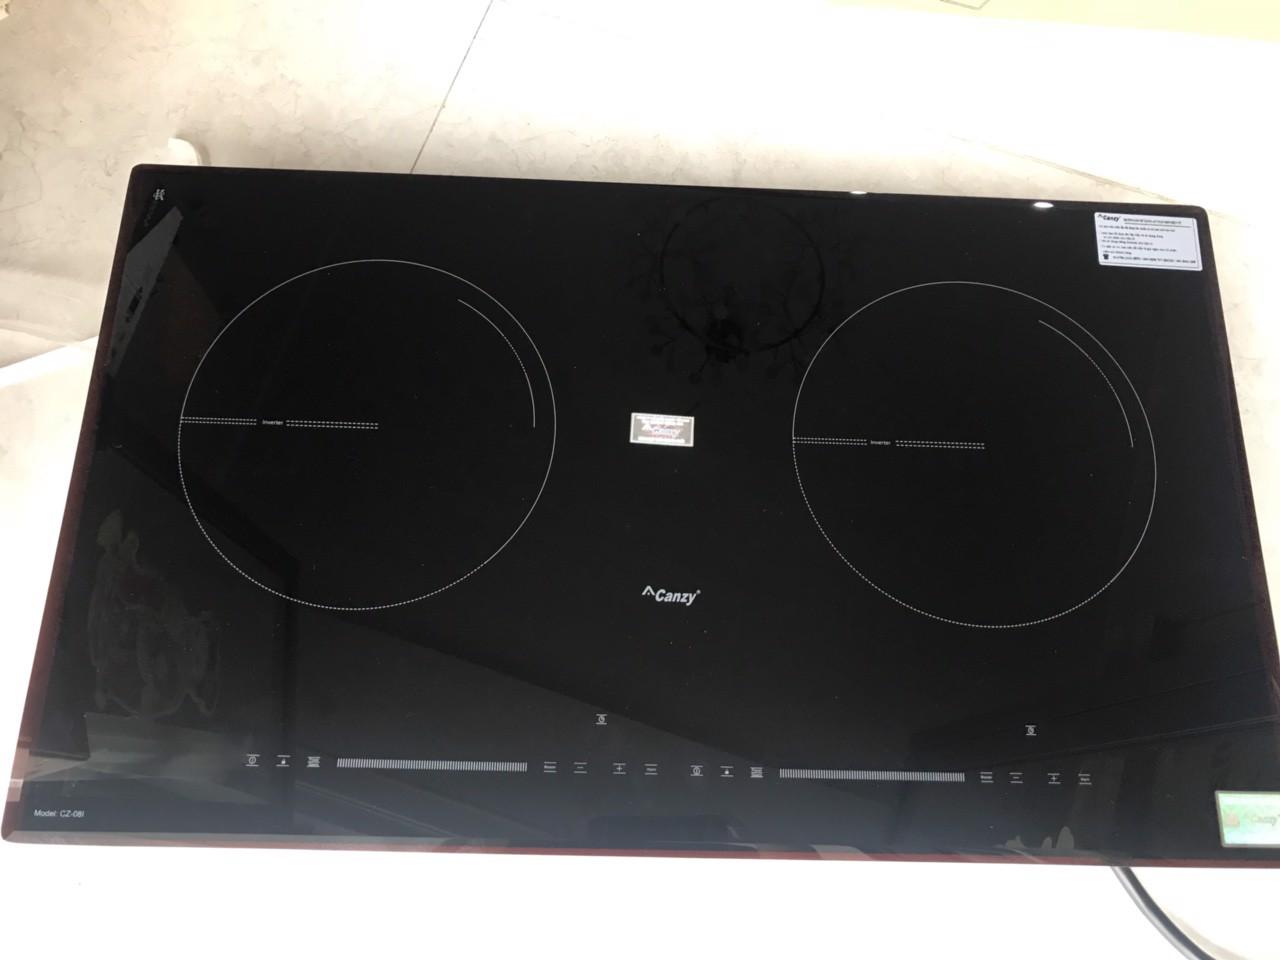 Bếp từ kết hợp hồng ngoại Canzy CZ 08H bếp điện từ bếp điện từ đôi âm bếp  điện từ đôi bếp điện từ đôi đức bếp điện từ đôi nhật bếp